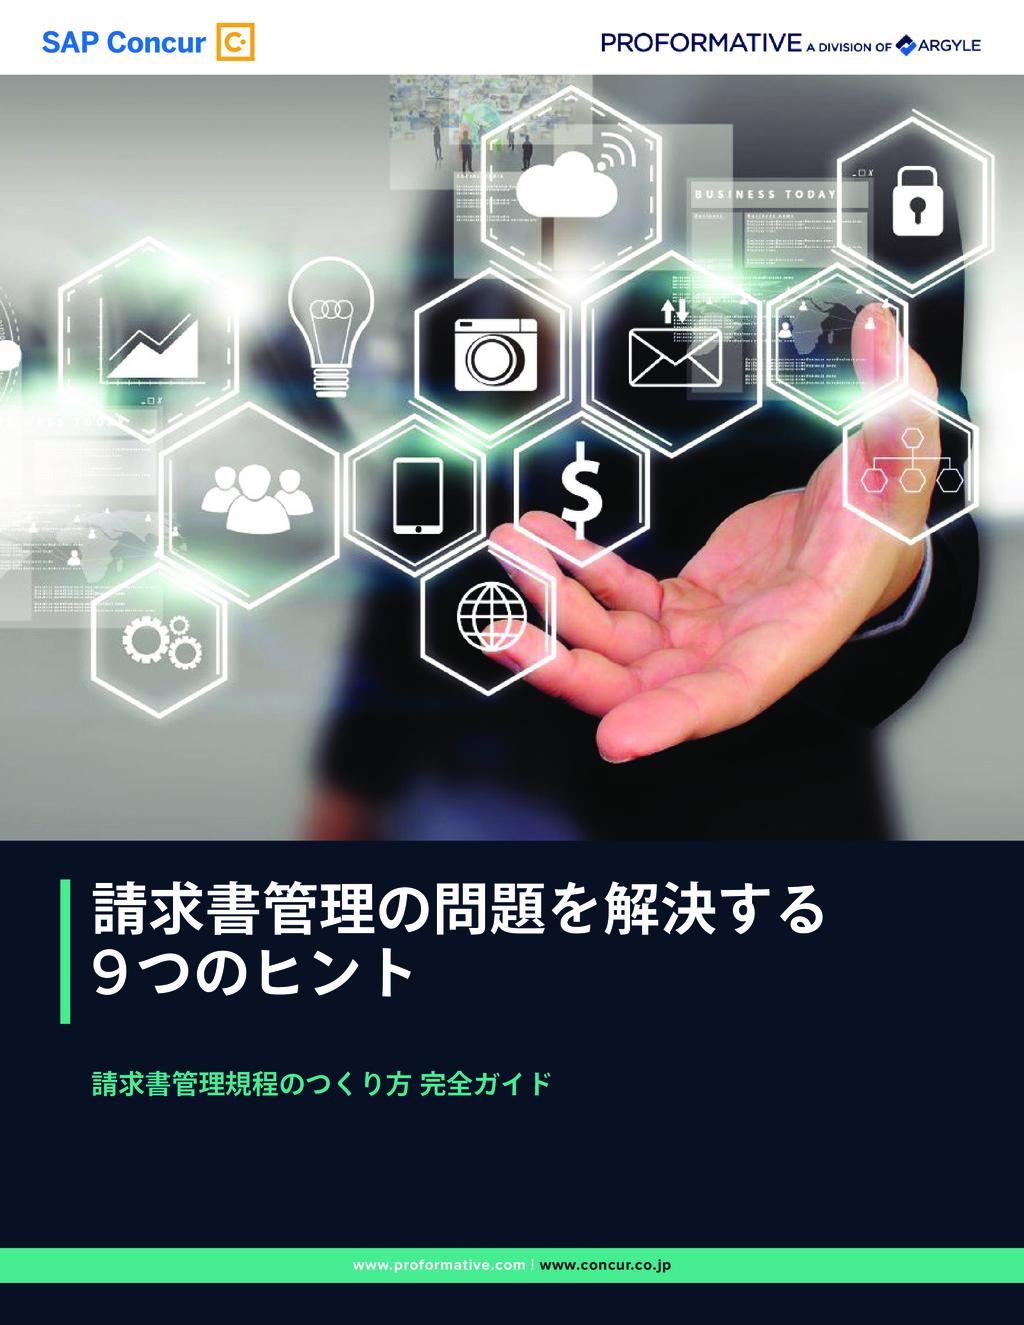 Concur Invoice(コンカーインボイス)の資料